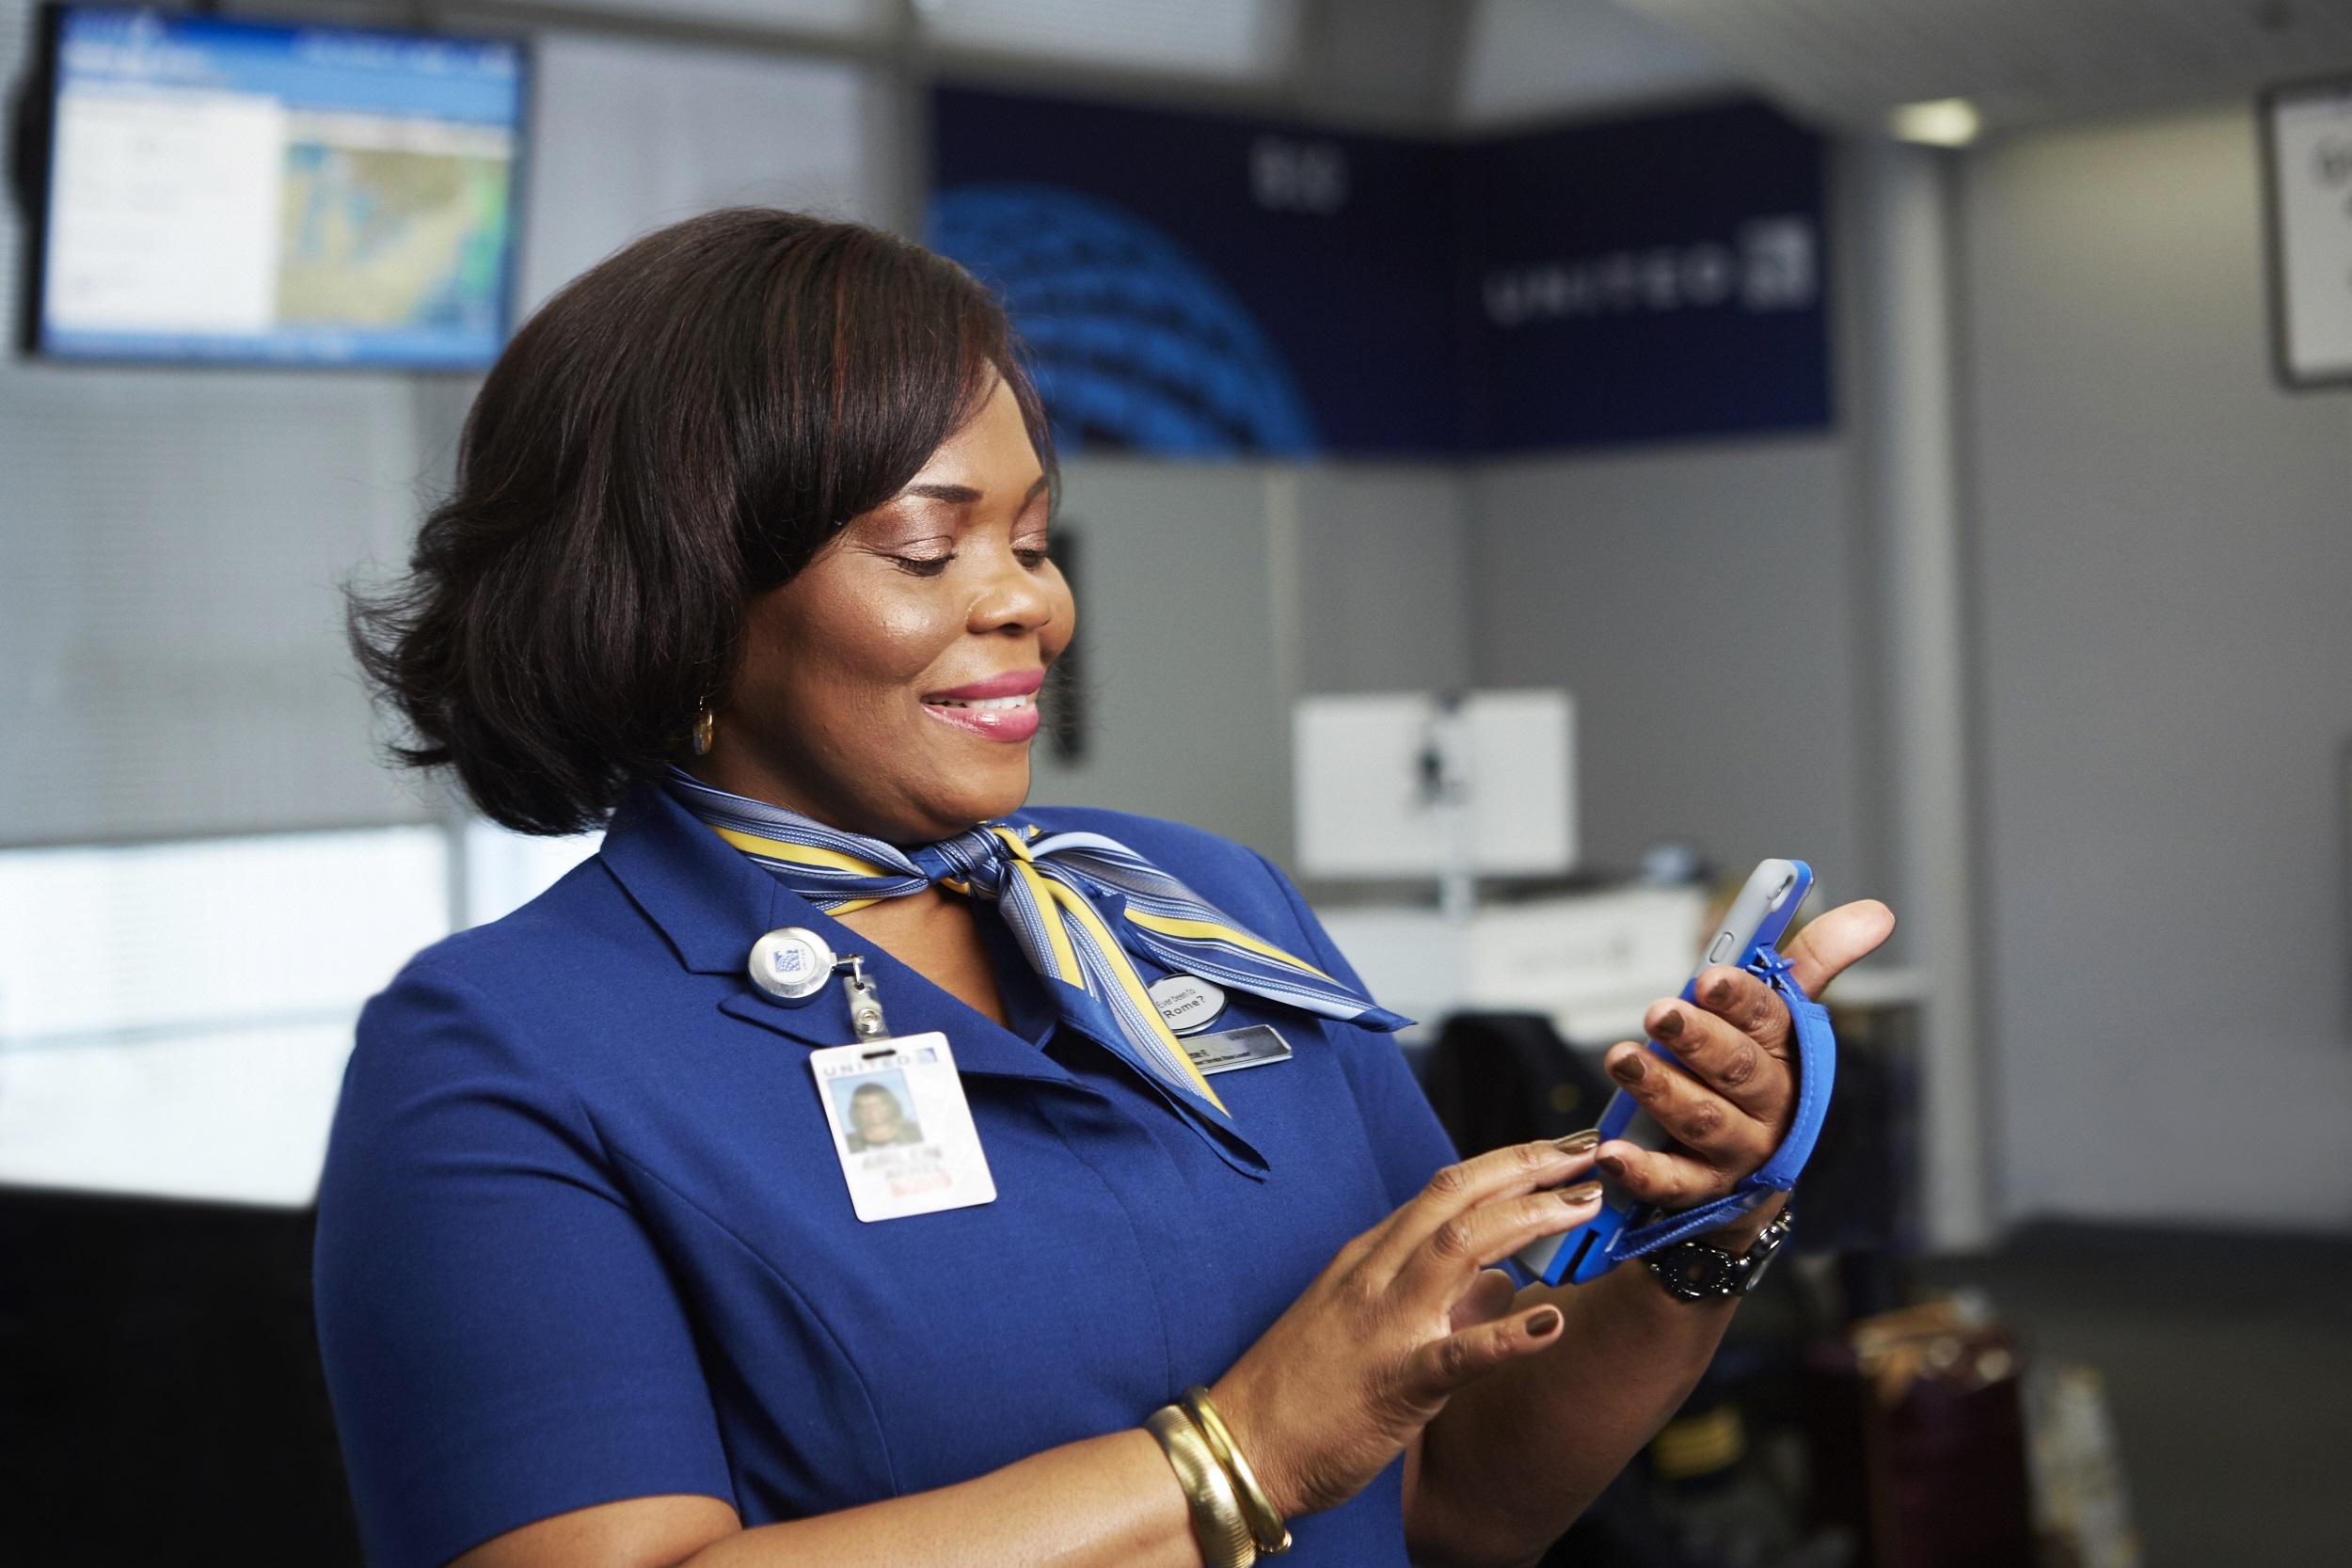 Atendente da United Airlines com iPhone 6 Plus